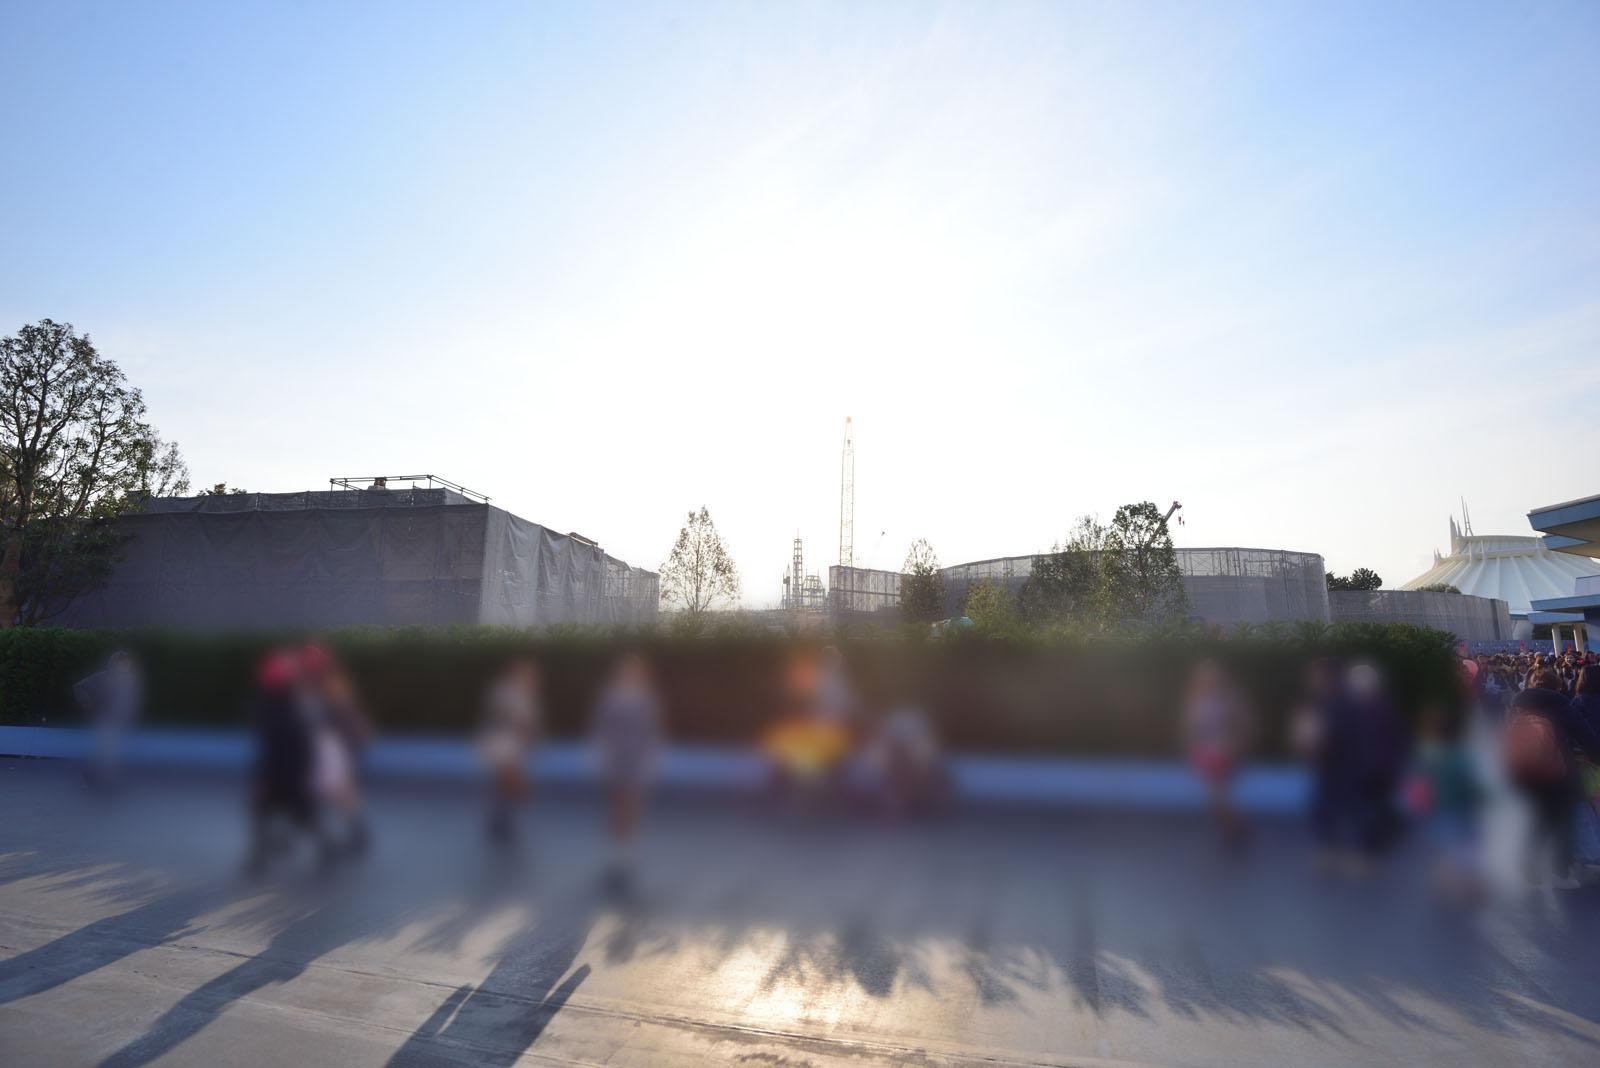 東京ディズニーランド 大規模開発 美女と野獣エリア